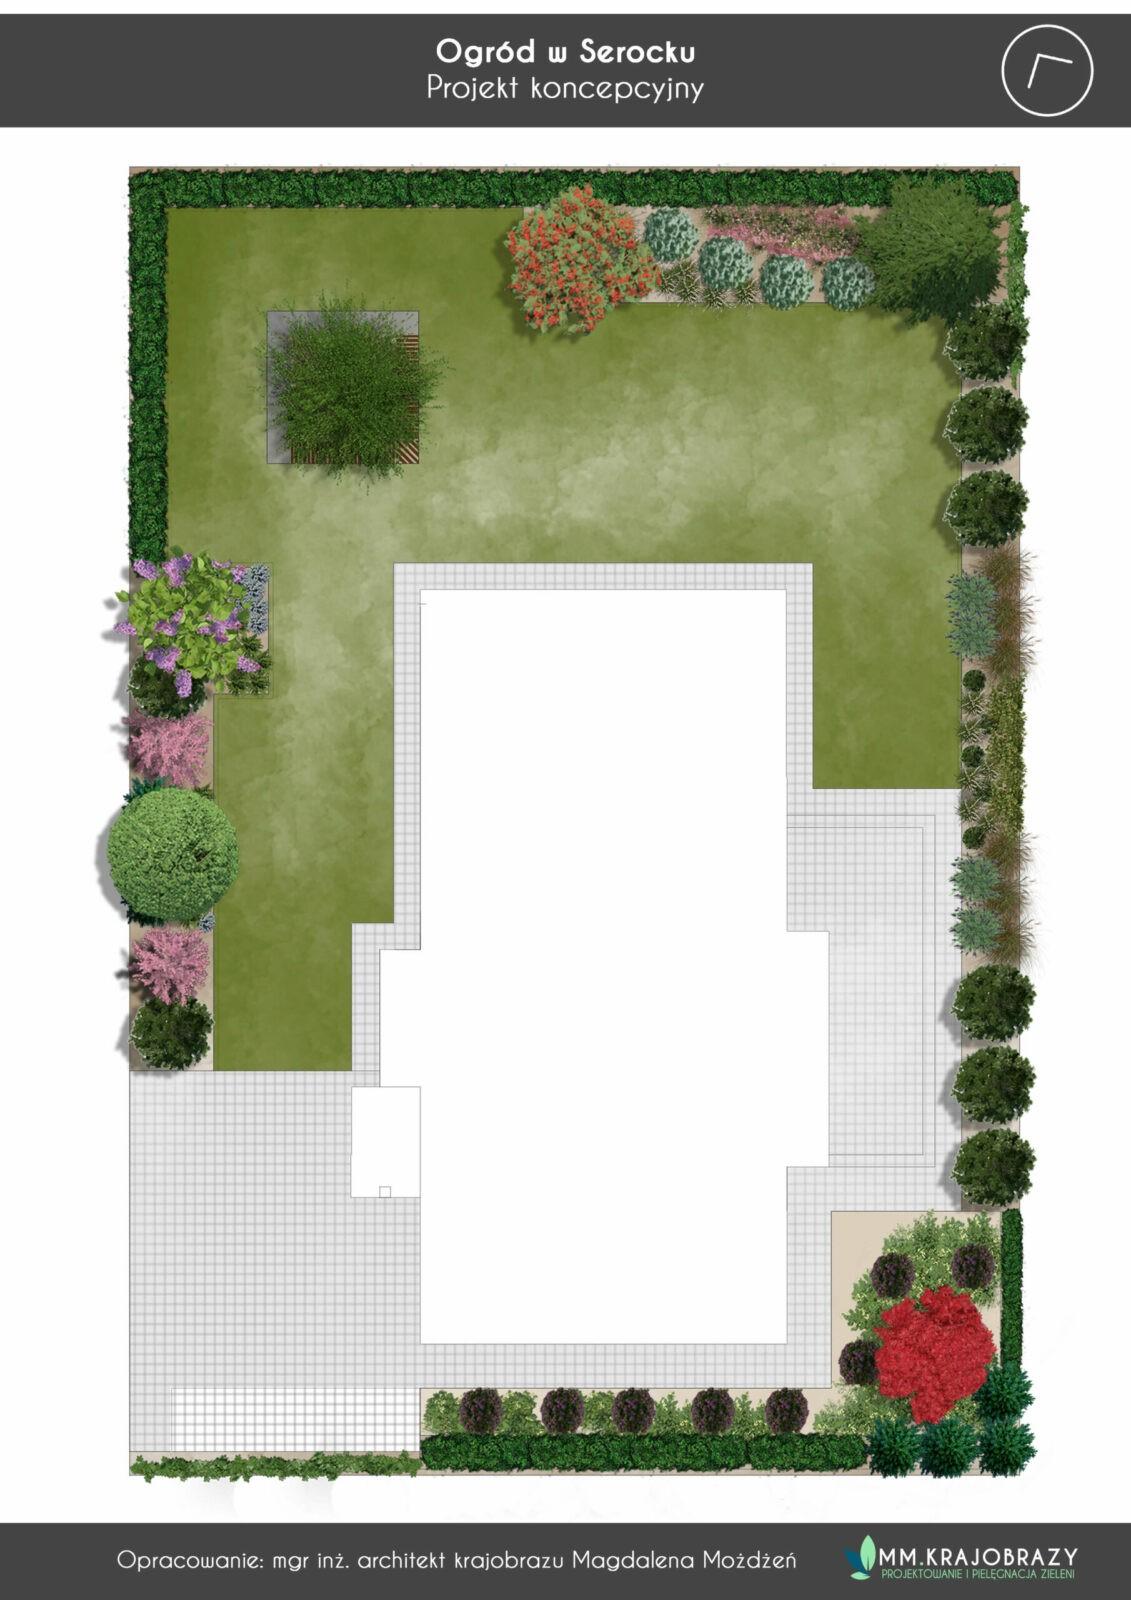 Projekt koncepcyjny ogrodu w Serocku